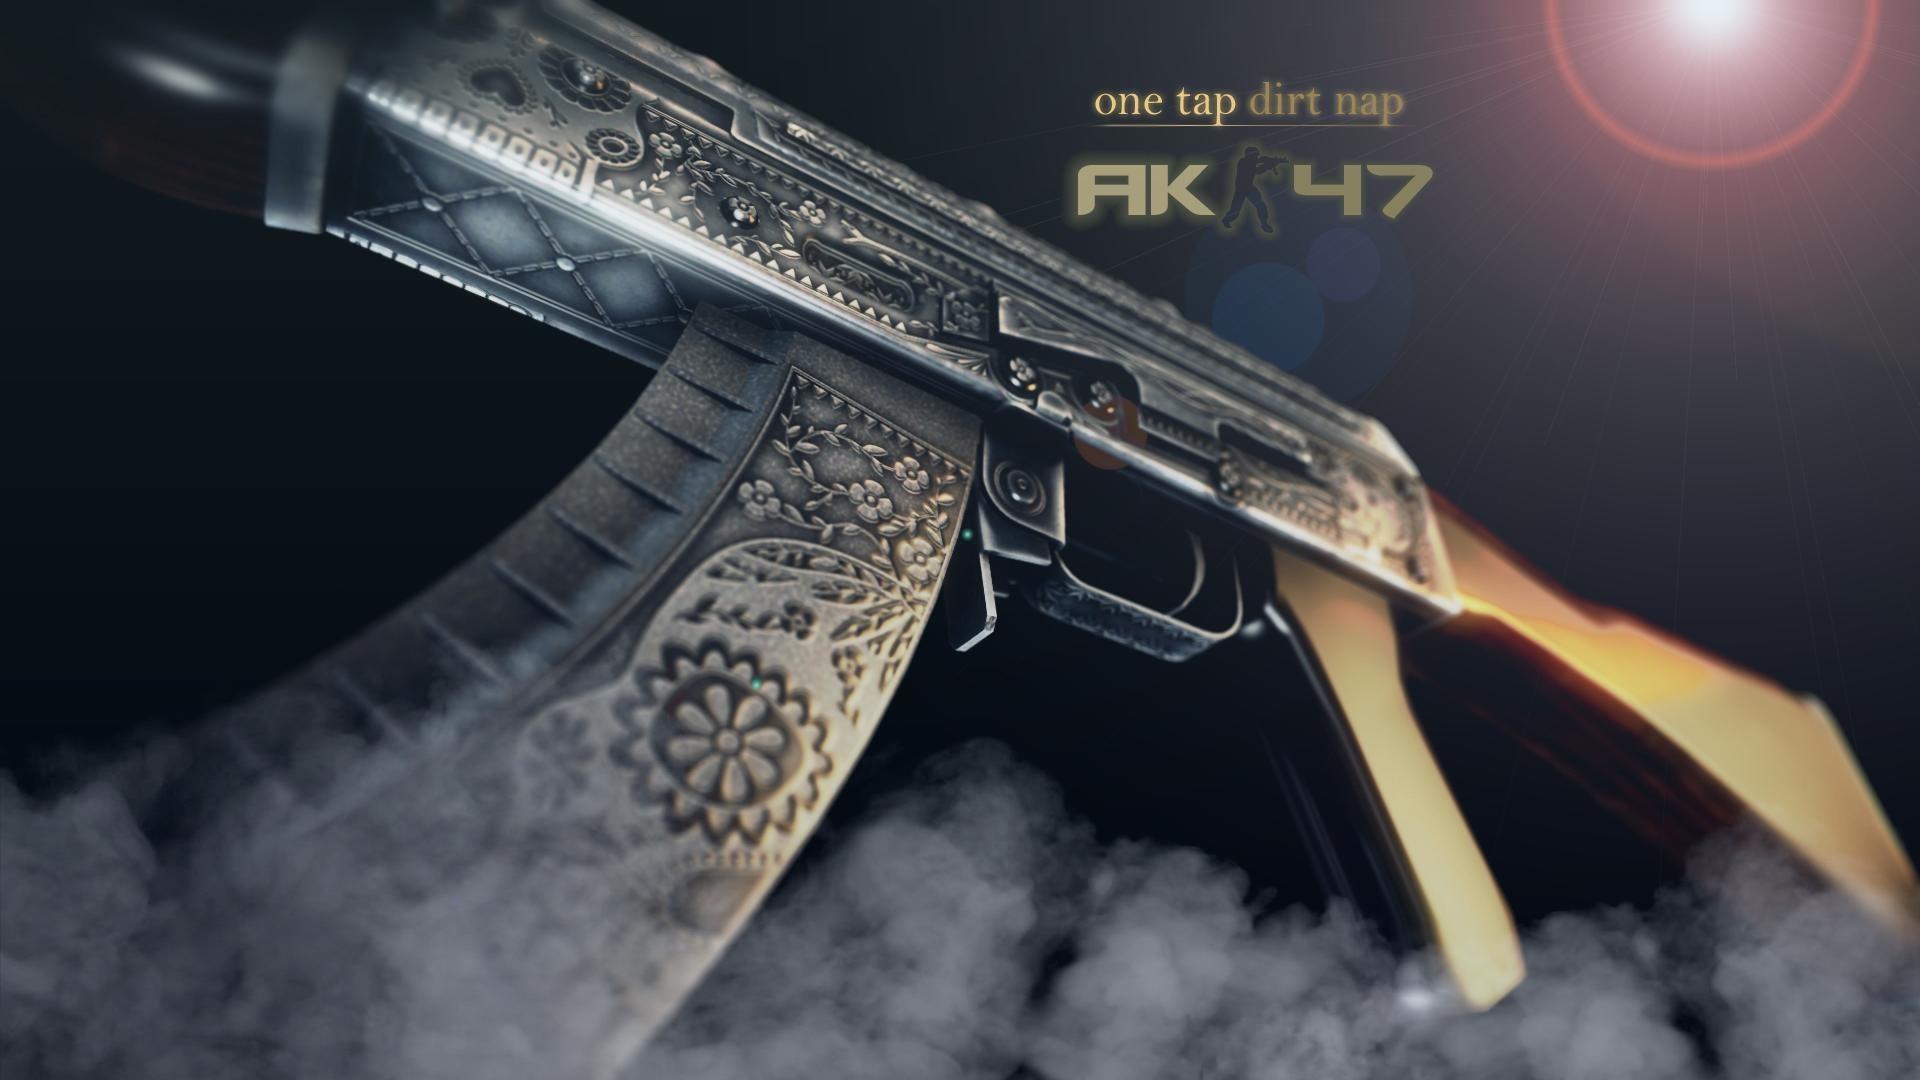 Ak47 Wallpaper 1